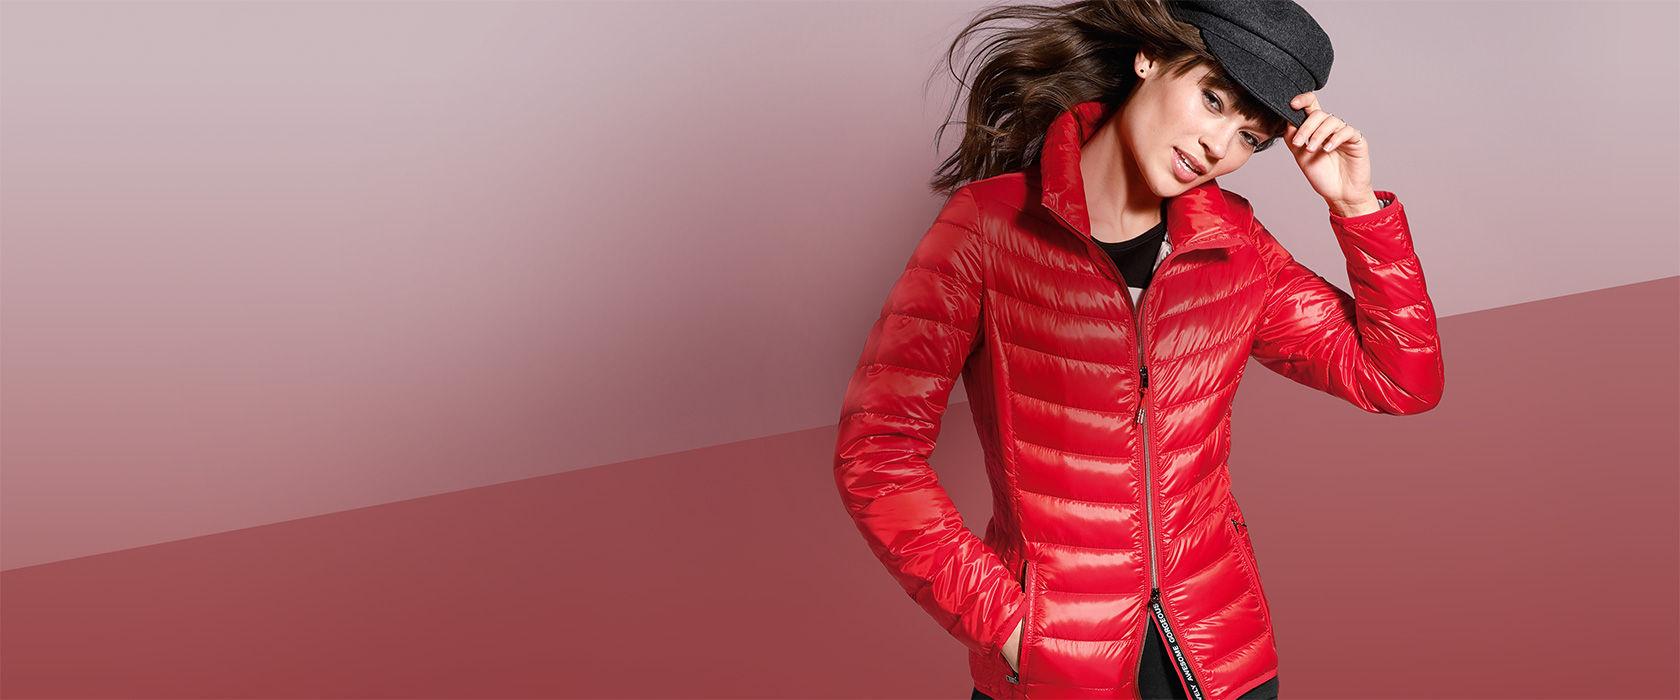 cf465ecea7ffc Mode et marques vêtements - Shopping dans la boutique en ligne Peter ...